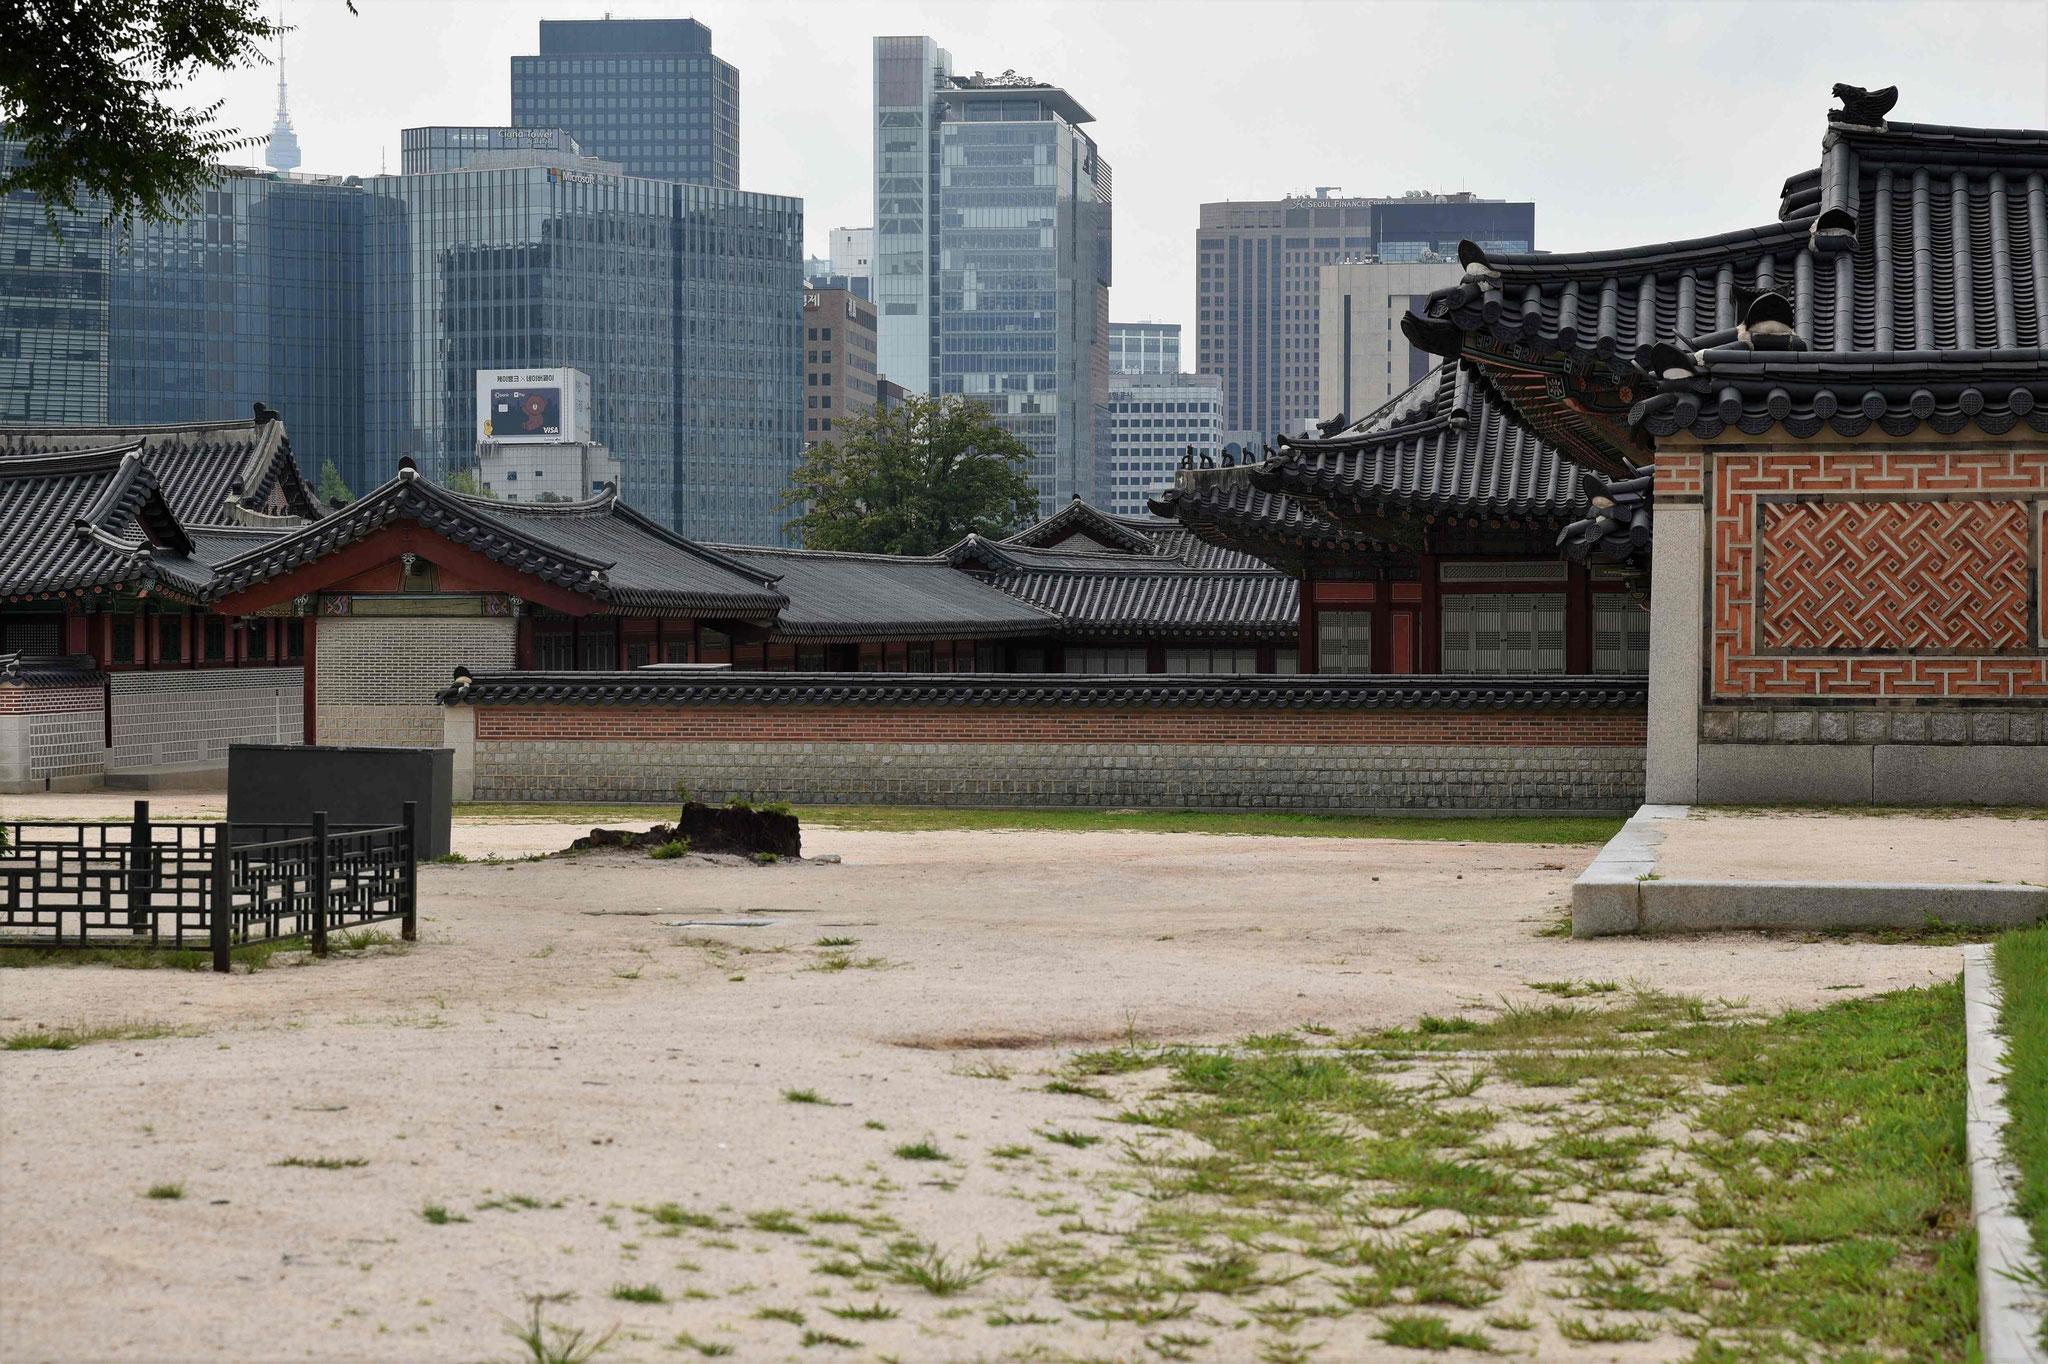 Trozt der immensen Größe sieht man einige Hochhäuser Seouls